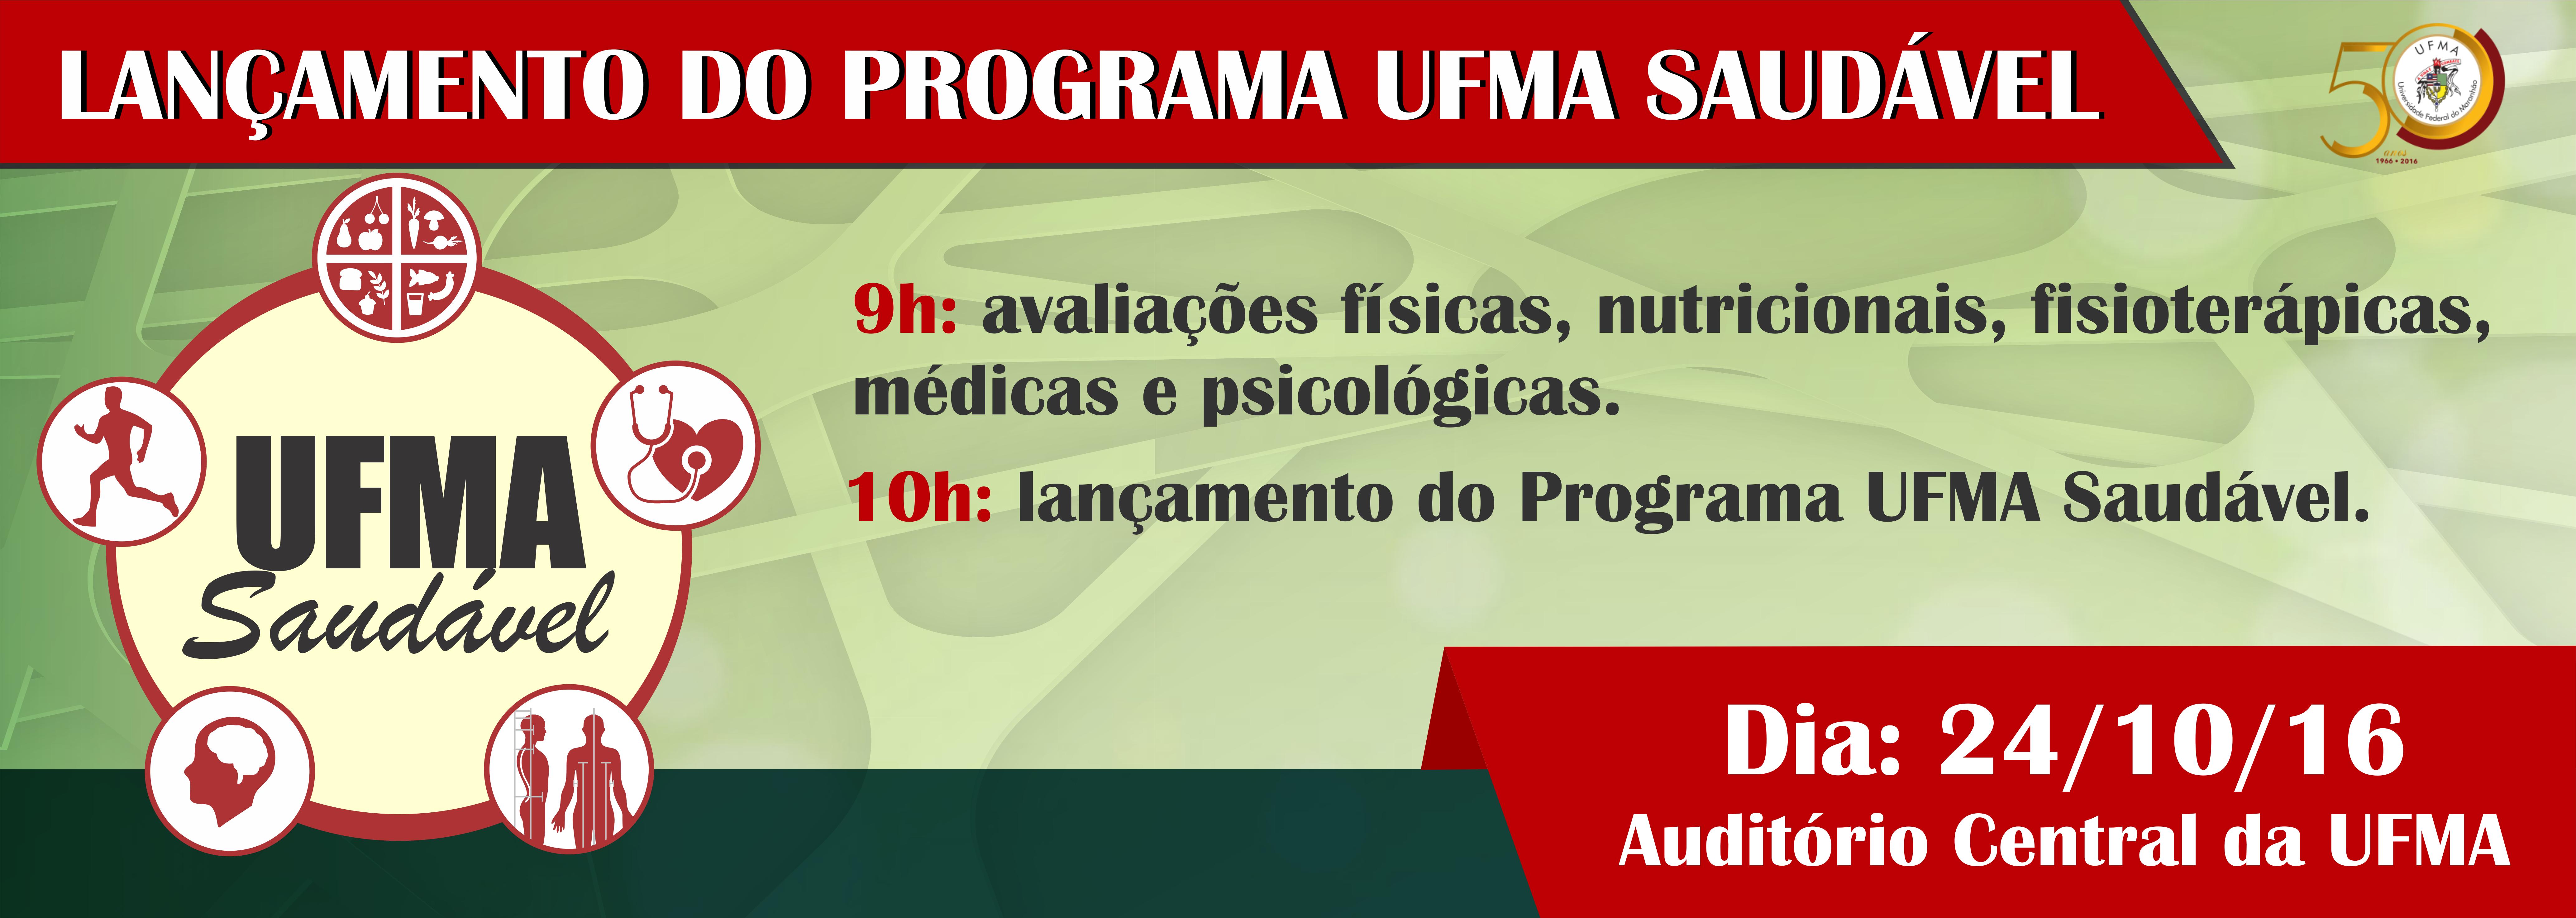 Lançamento UFMA Saudável